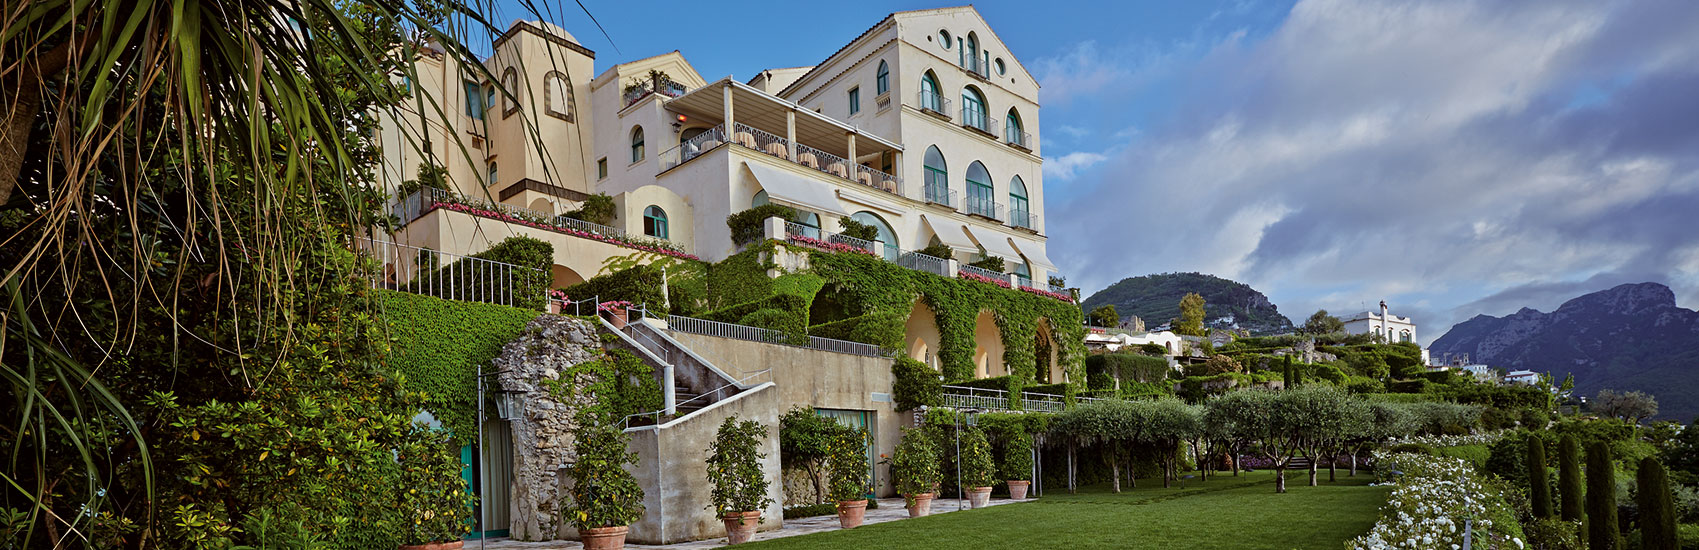 Belmond Hotel Caruso 2